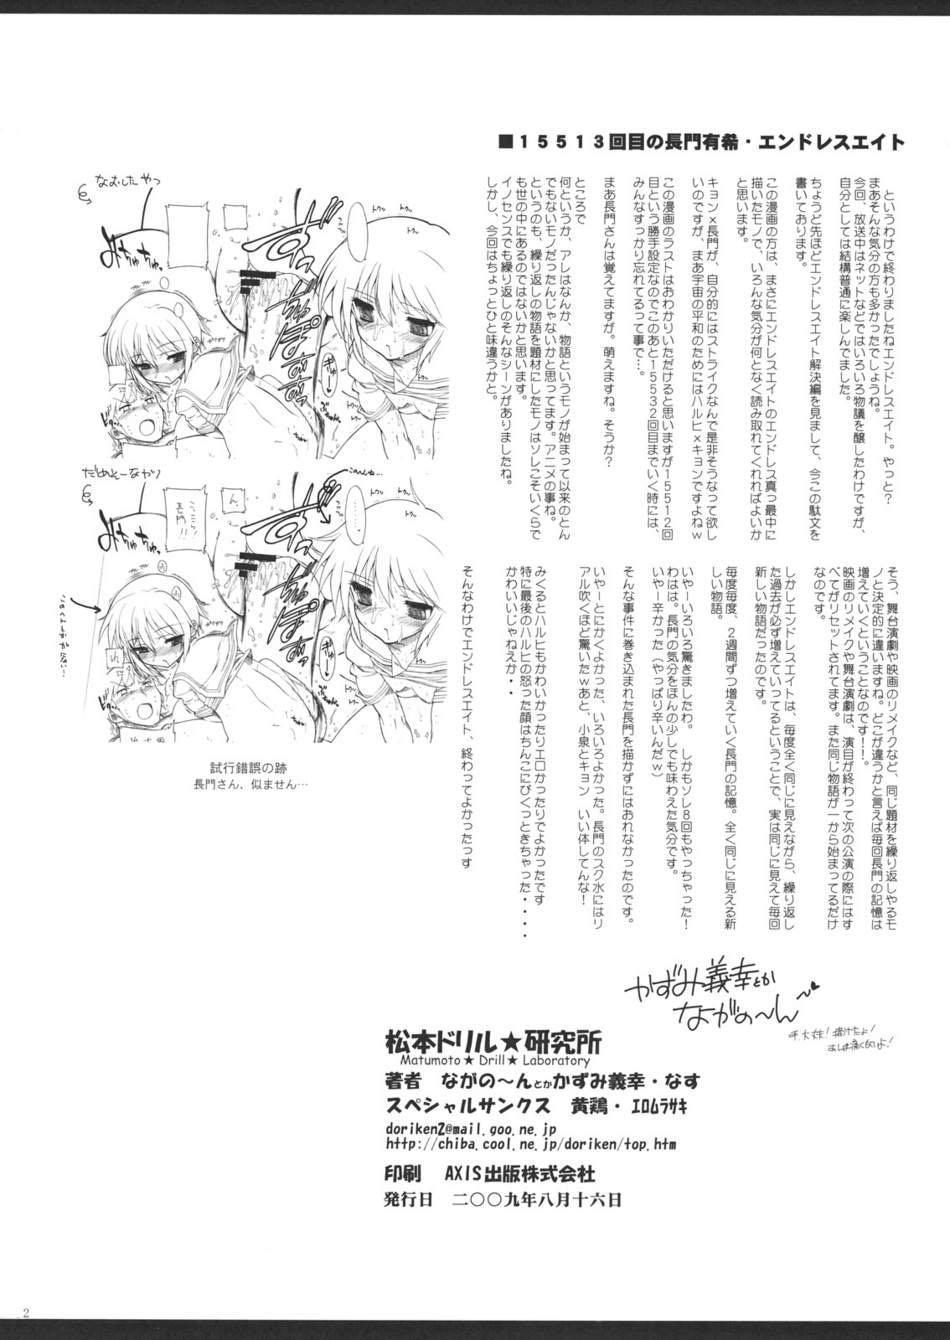 (C76) [Matsumoto Drill Kenkyuujo (Various)] 15513 Kaime no Nagato Yuki (Megane Nashi Ver) | The 15,513th Yuki Nagato (Suzumiya Haruhi no Yuuutsu) [English] [desudesu] 30